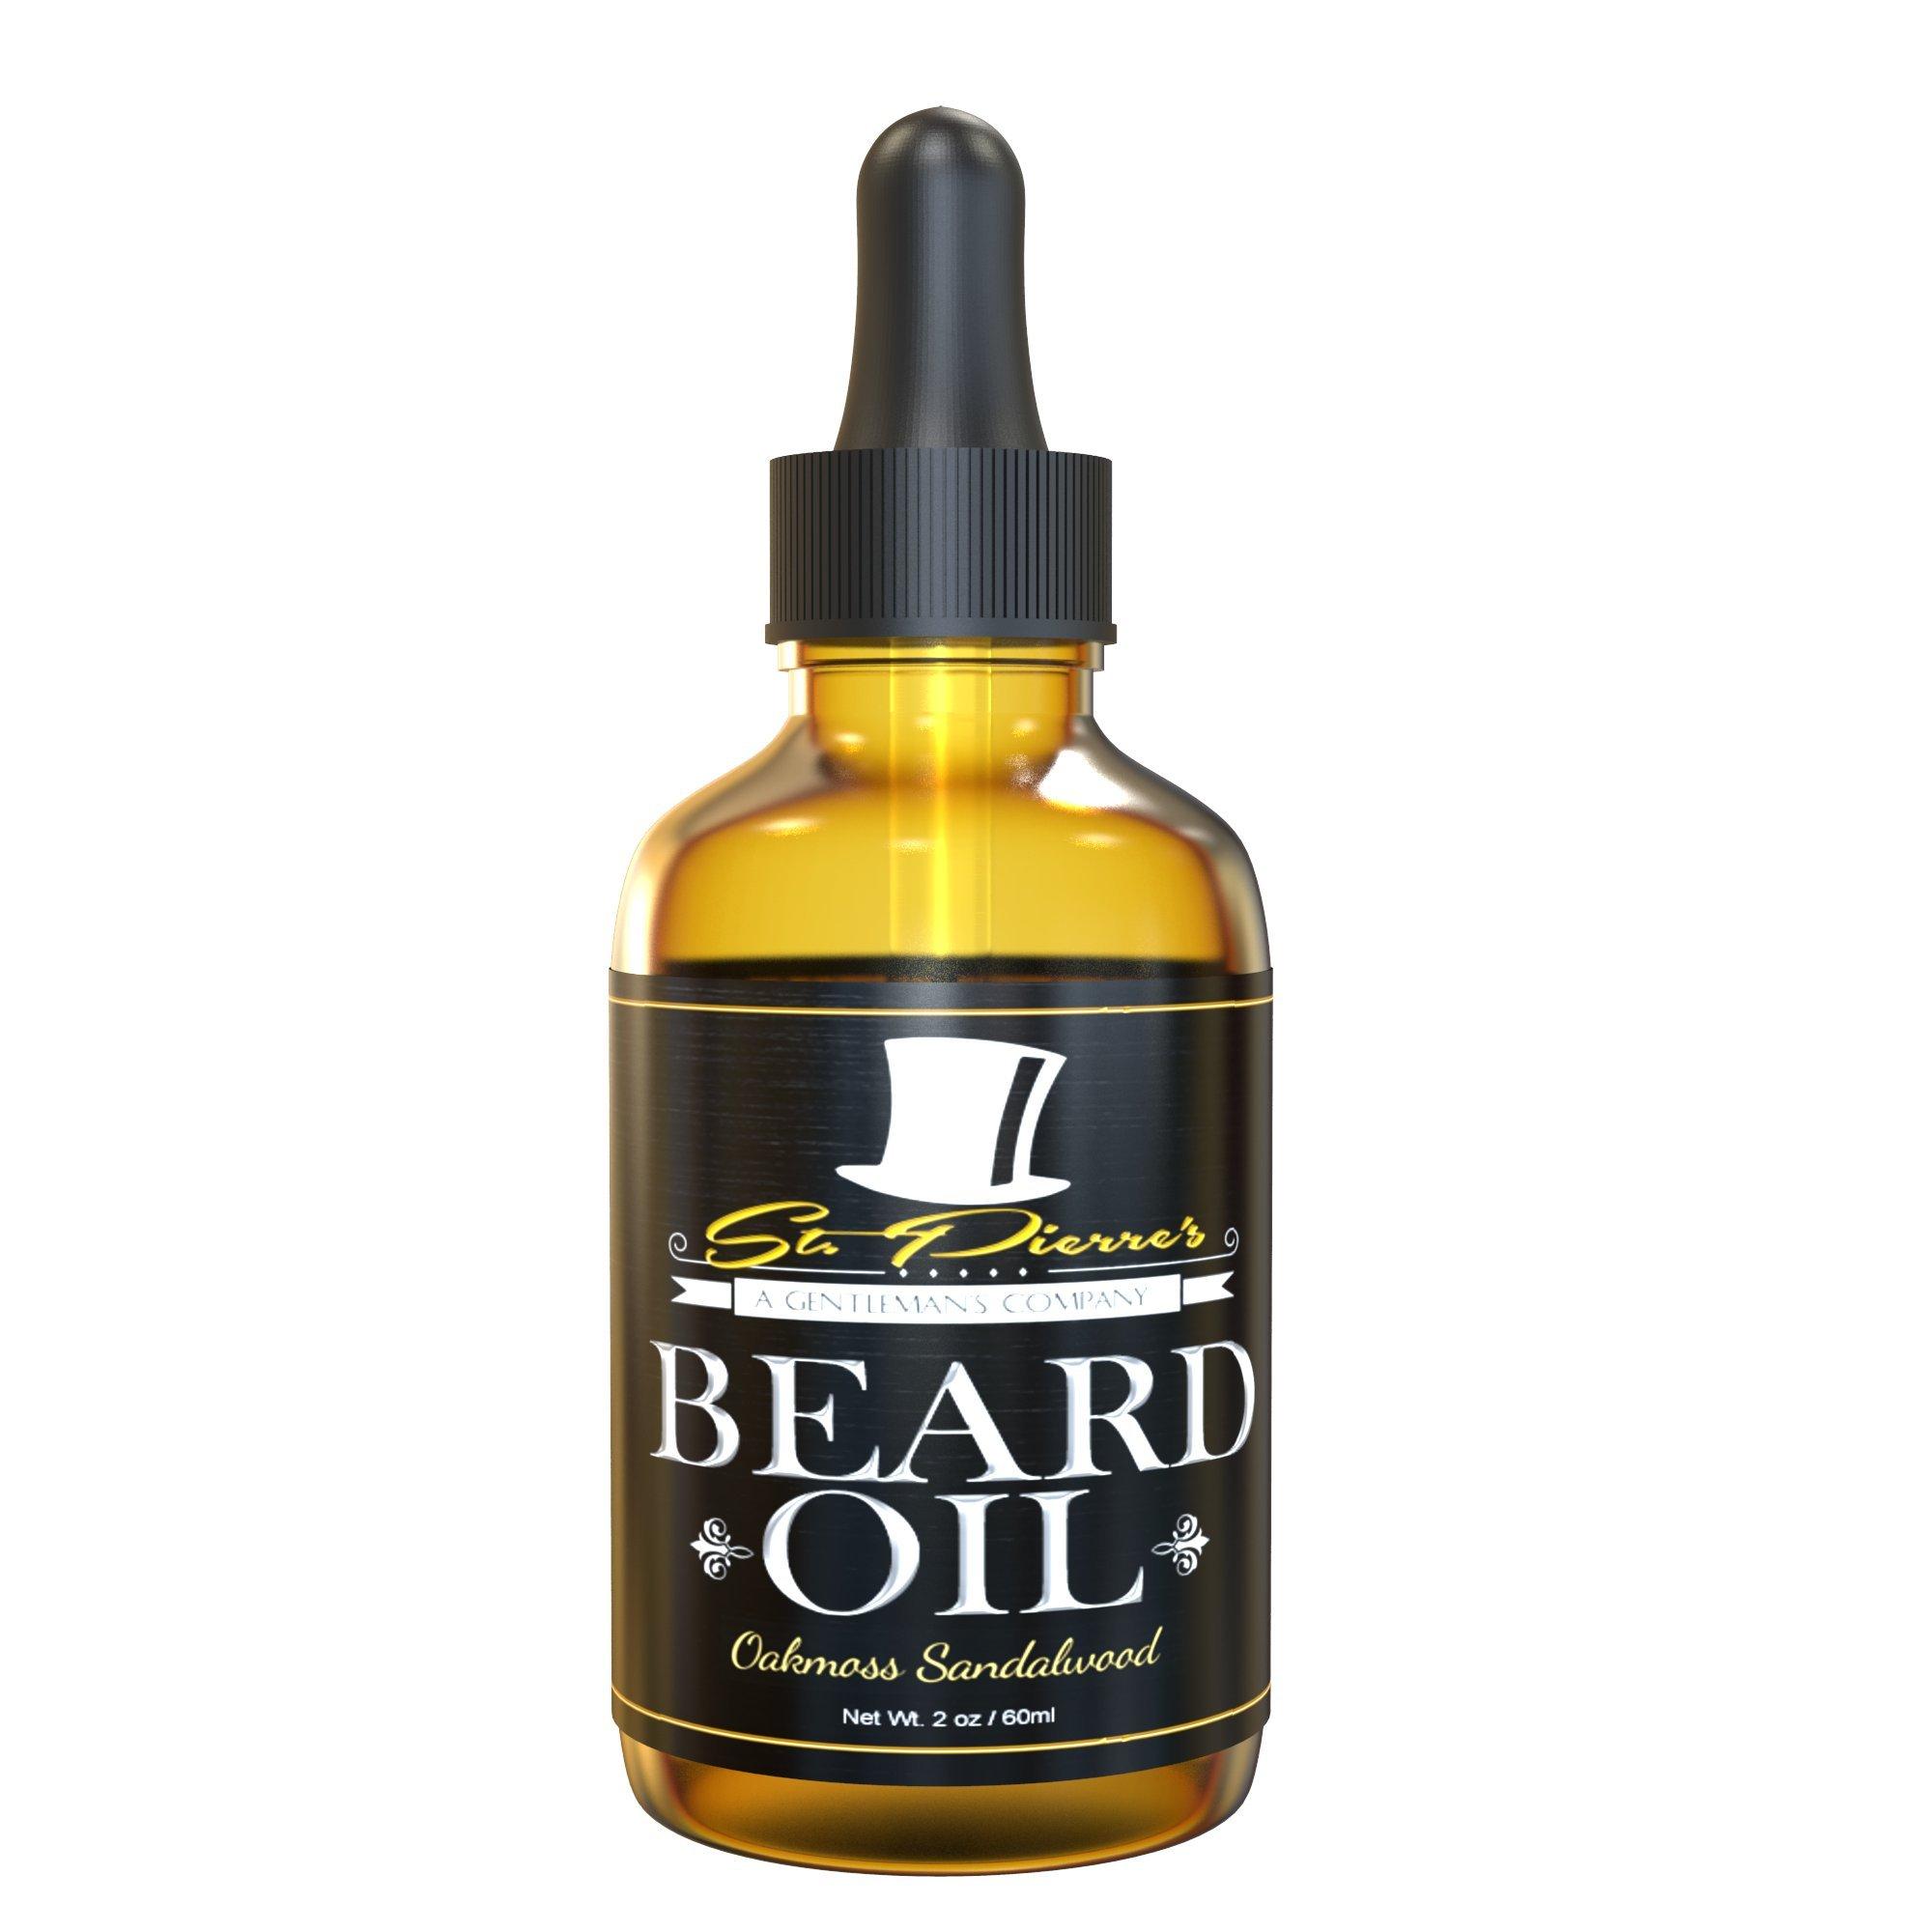 Best Sandalwood Beard Oil & Conditioner for Men - 2oz